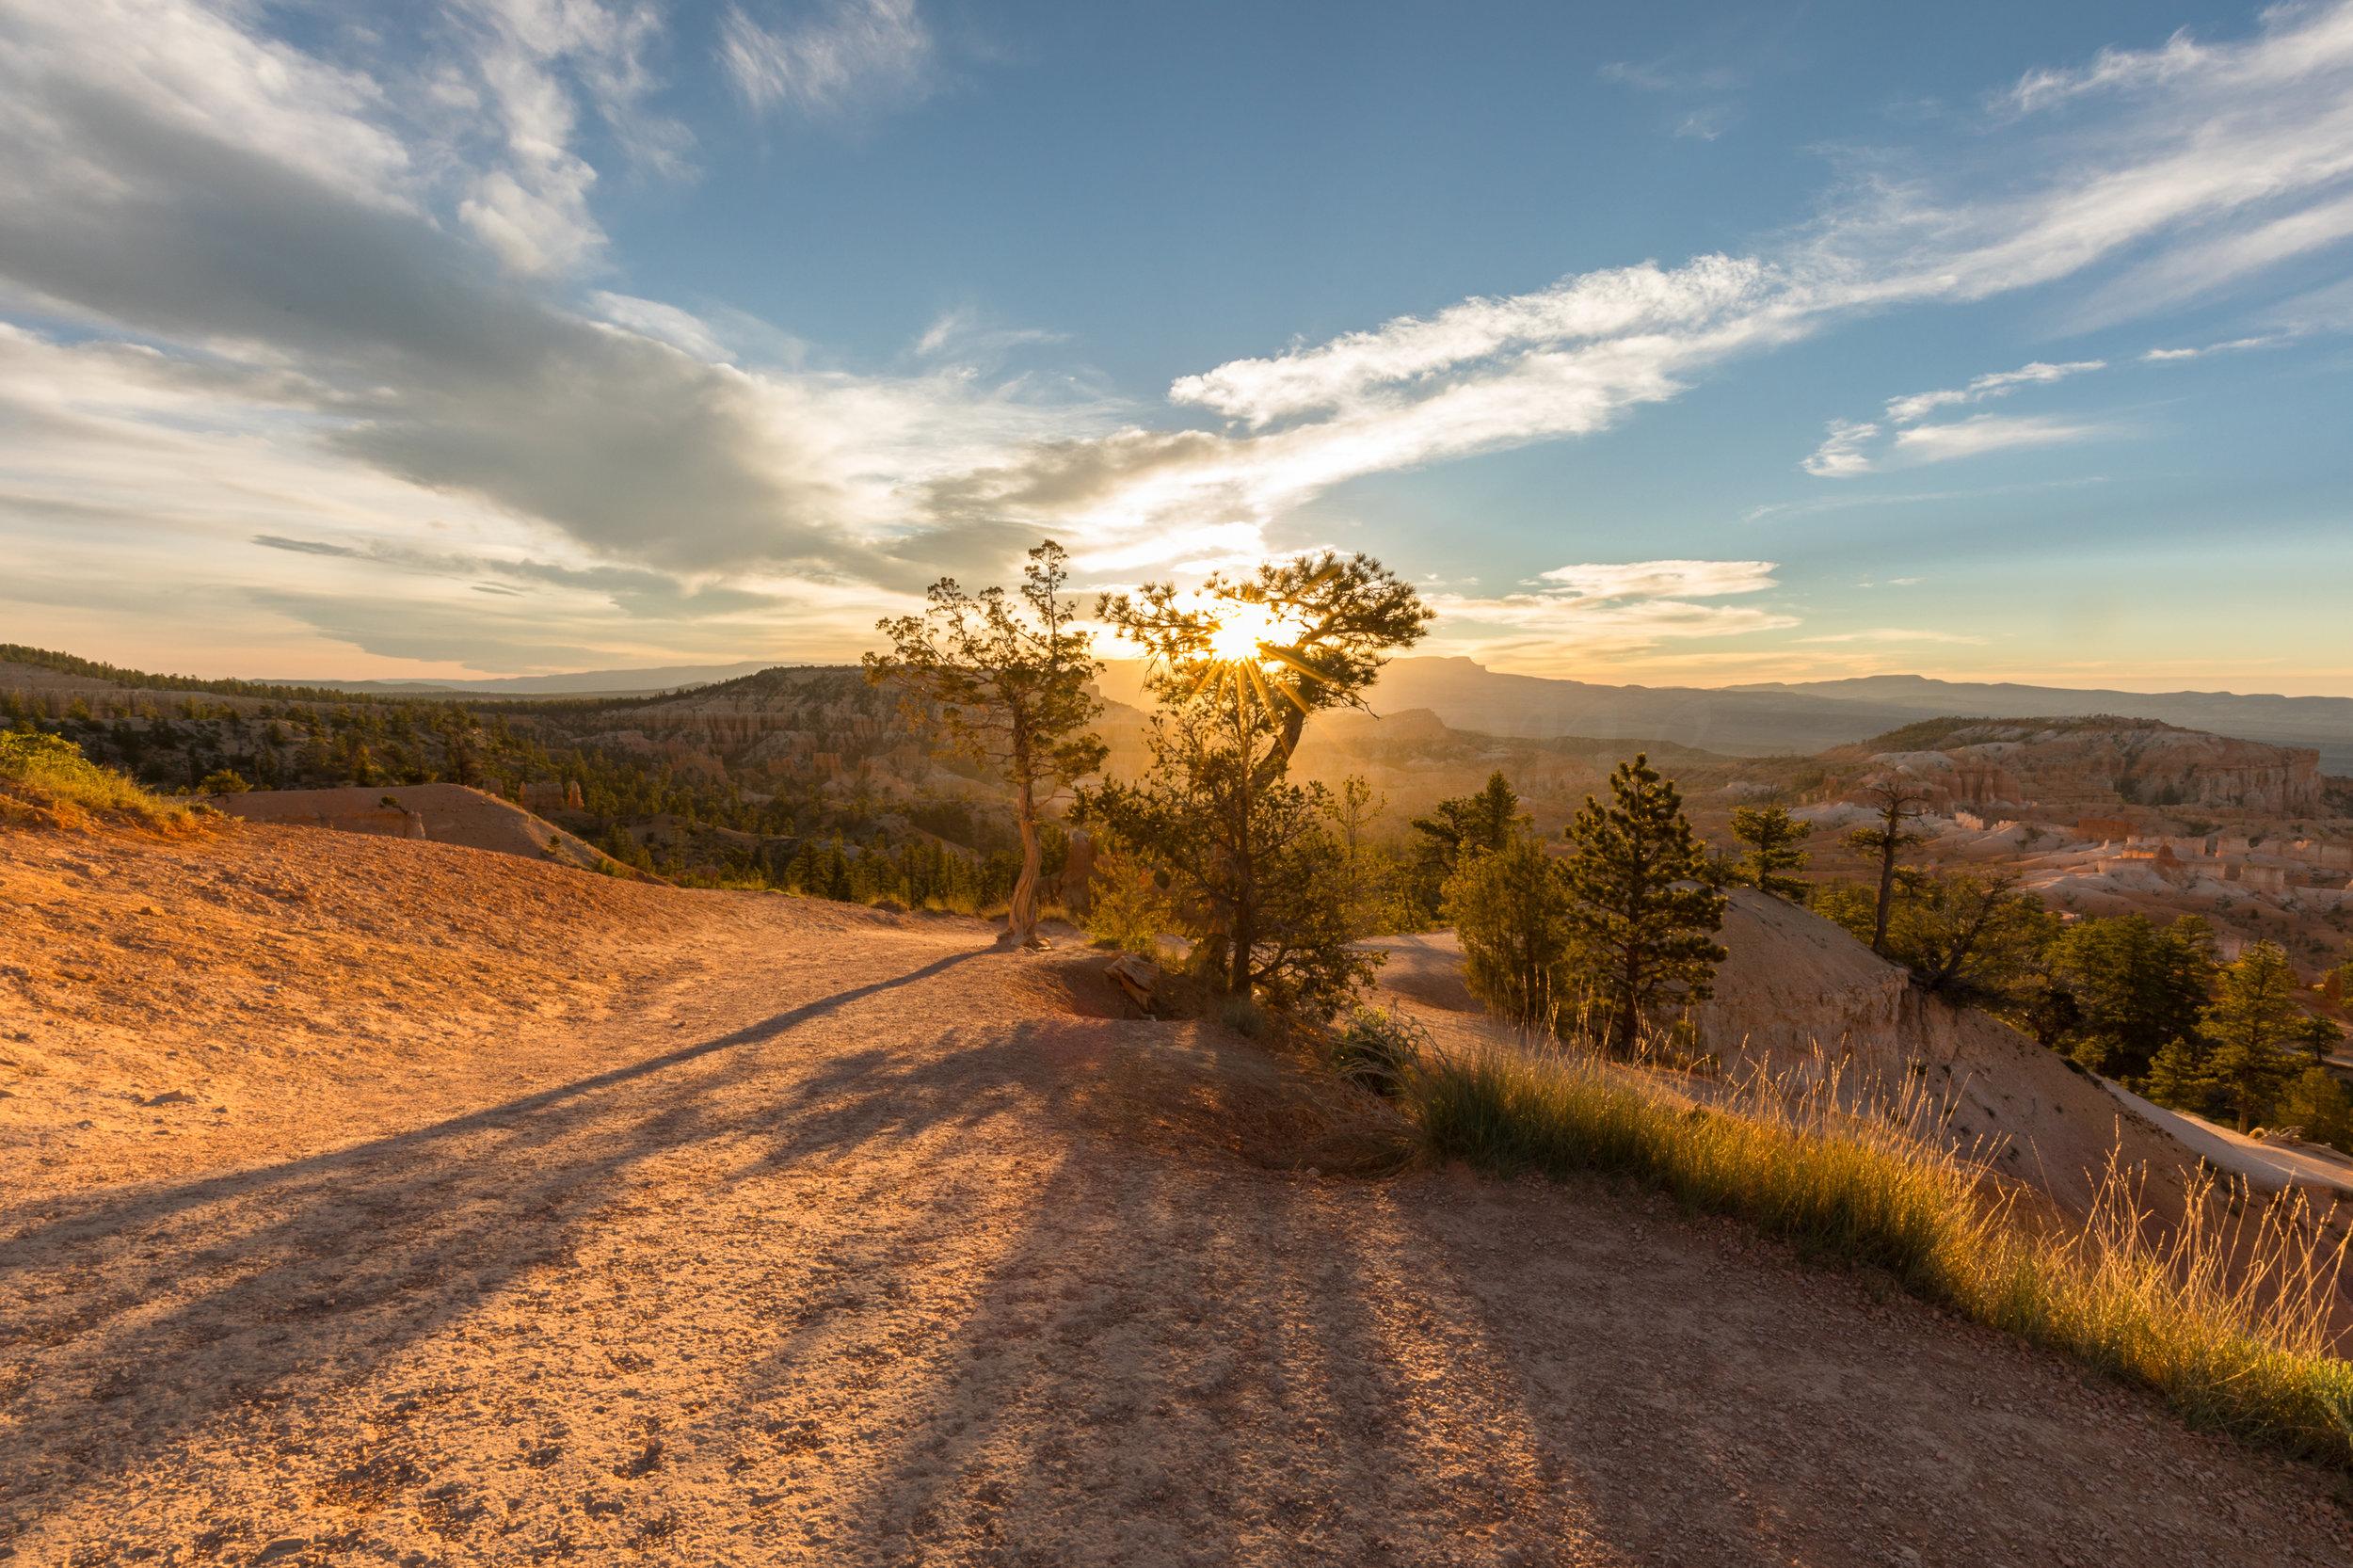 Sunrise Bryce National Park, Image # 0609